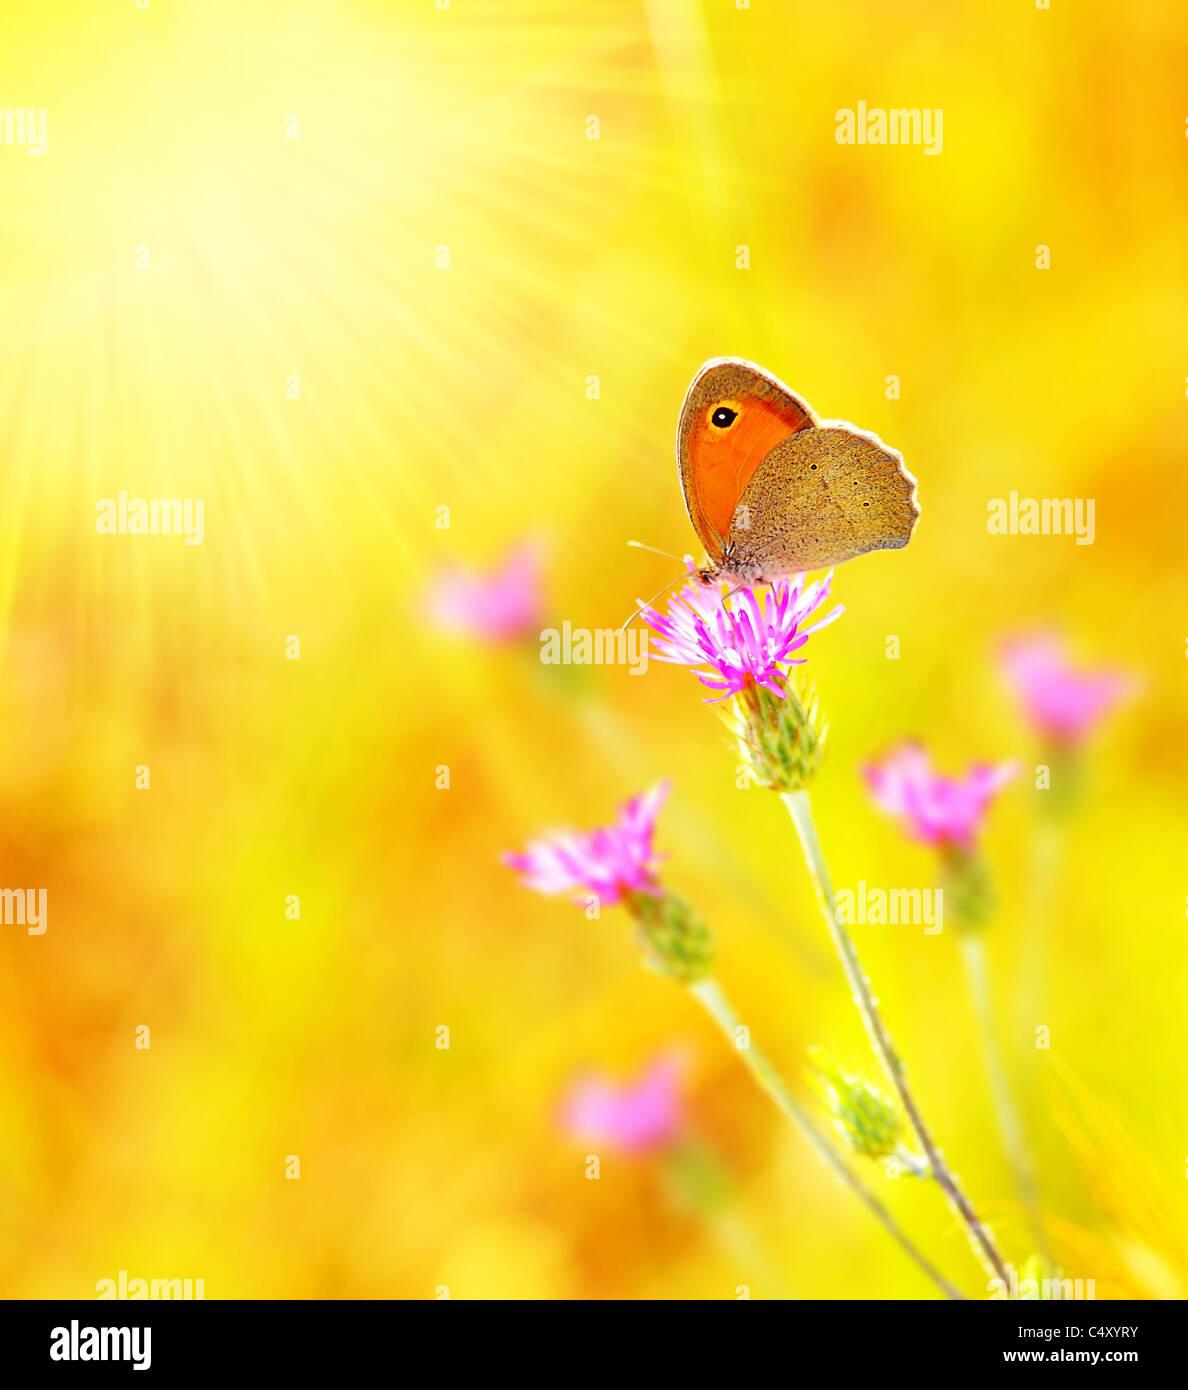 Schönen gelben Schmetterling extreme Nahaufnahme Makro, Natur Leben im Frühjahr Stockbild